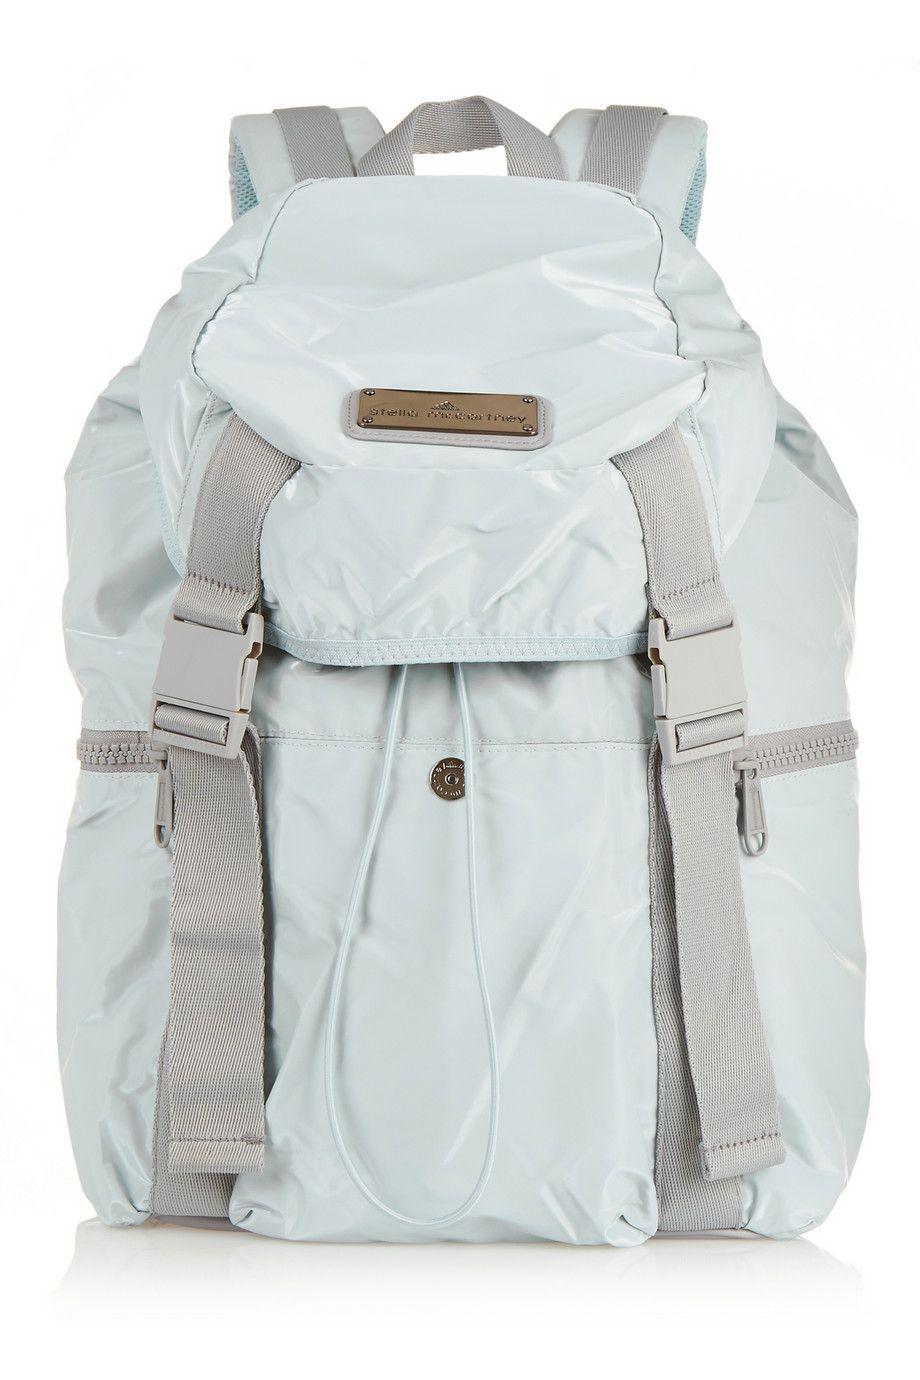 Porter Backpack Shell By MccartneyWeekender A Adidas Net Stella wm80Nn